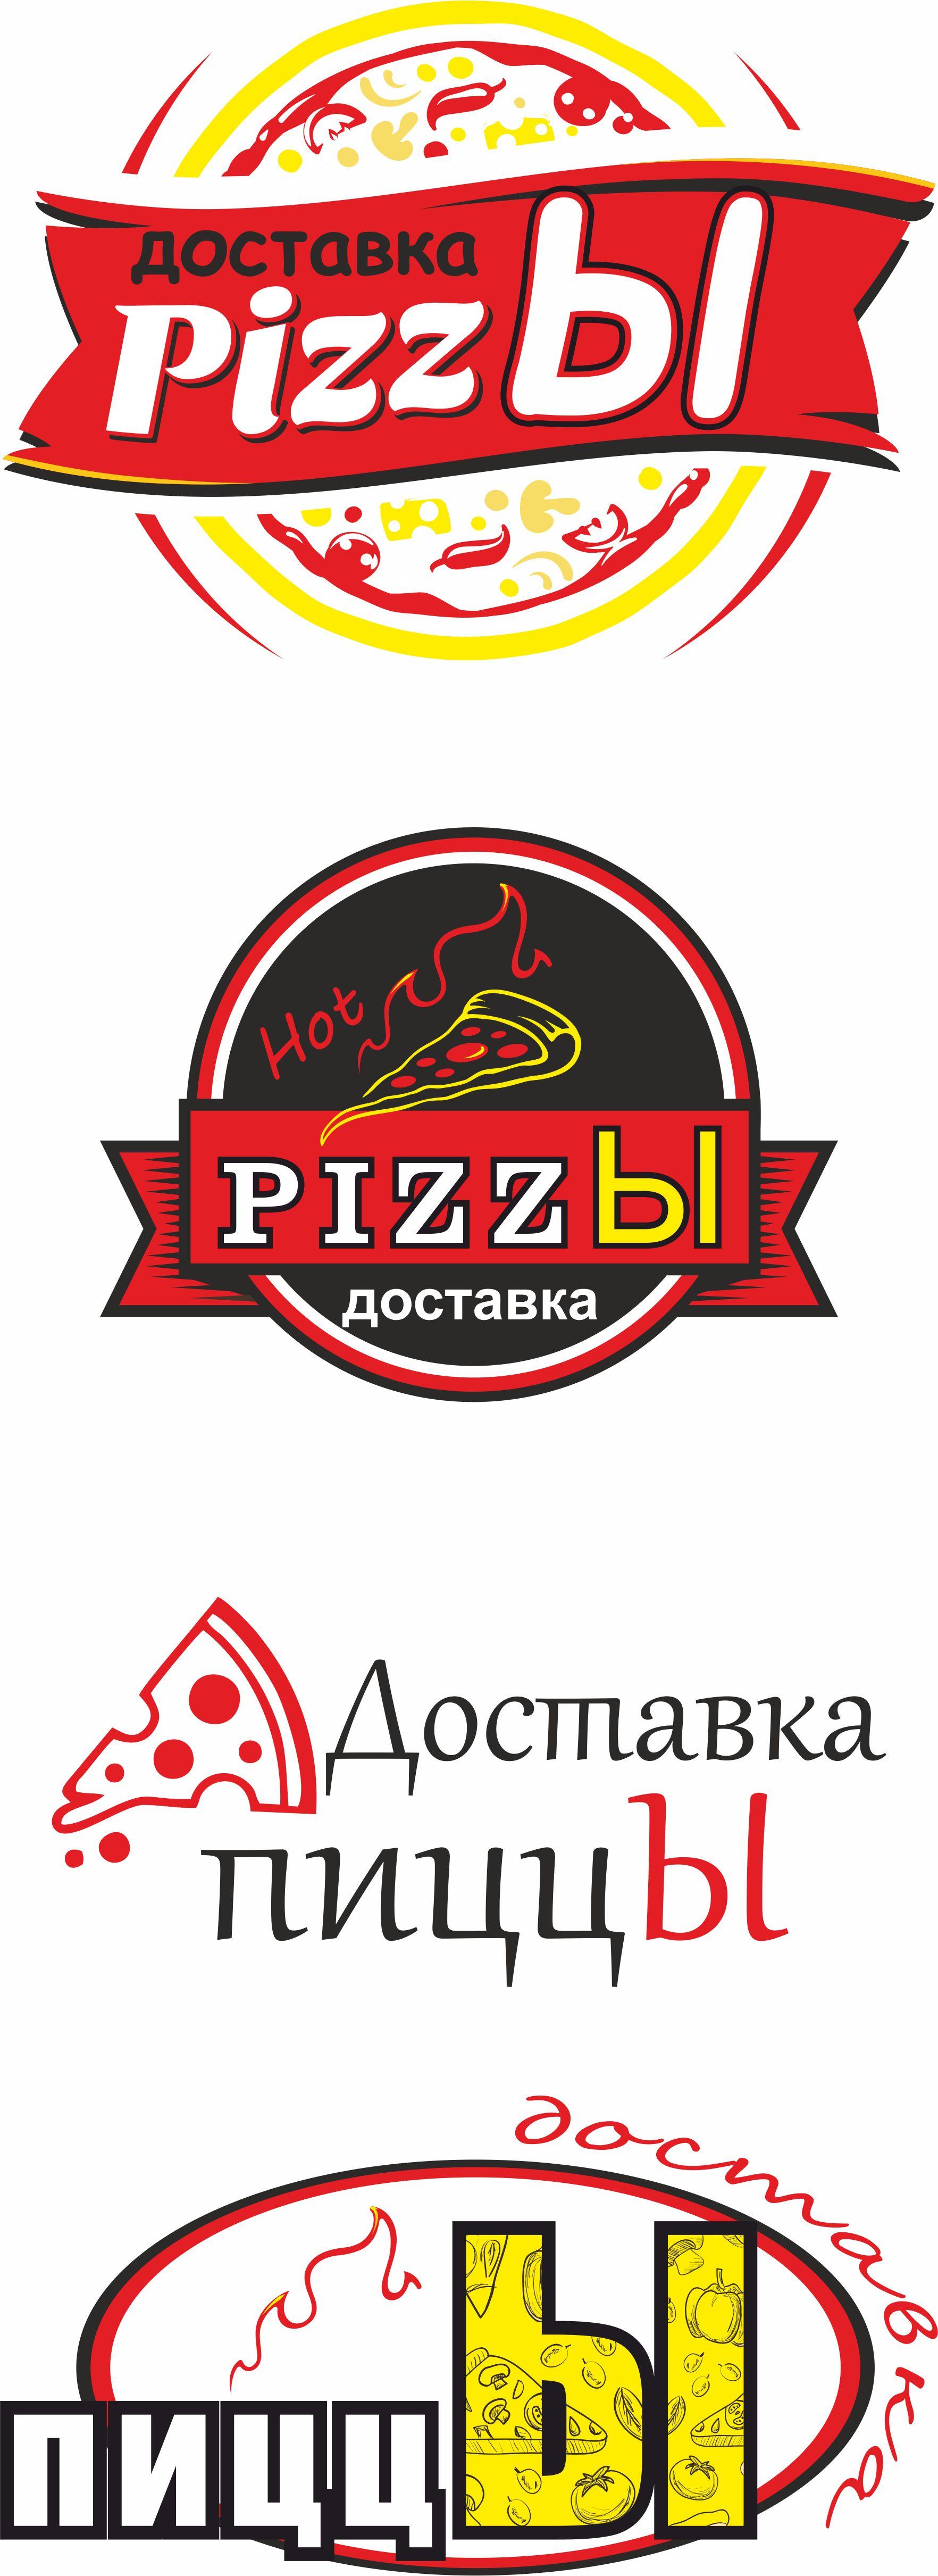 Разыскивается дизайнер для разработки лого службы доставки фото f_9935c3439605112c.jpg